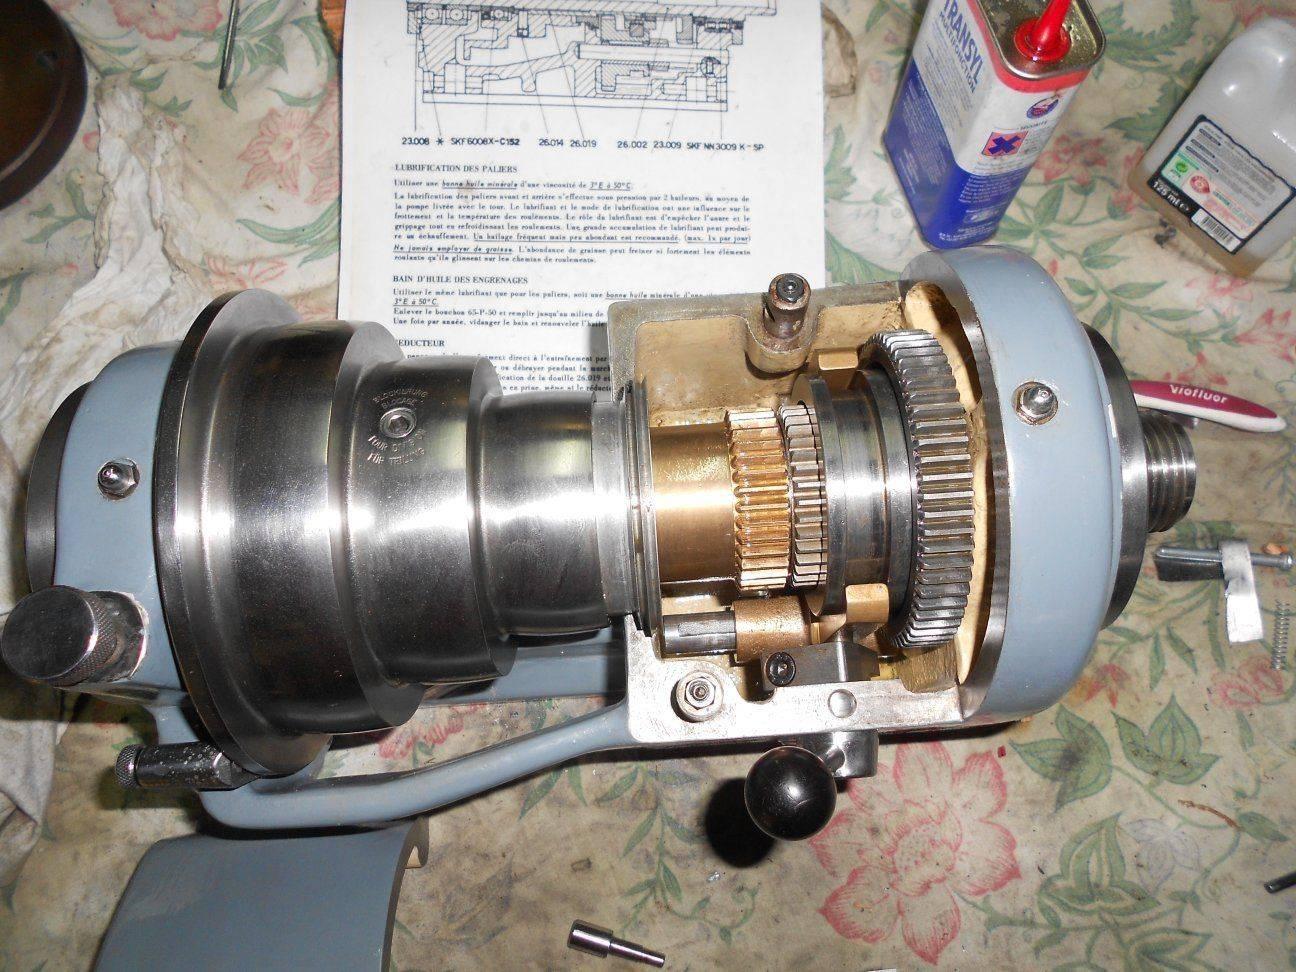 DSCN1697.JPG